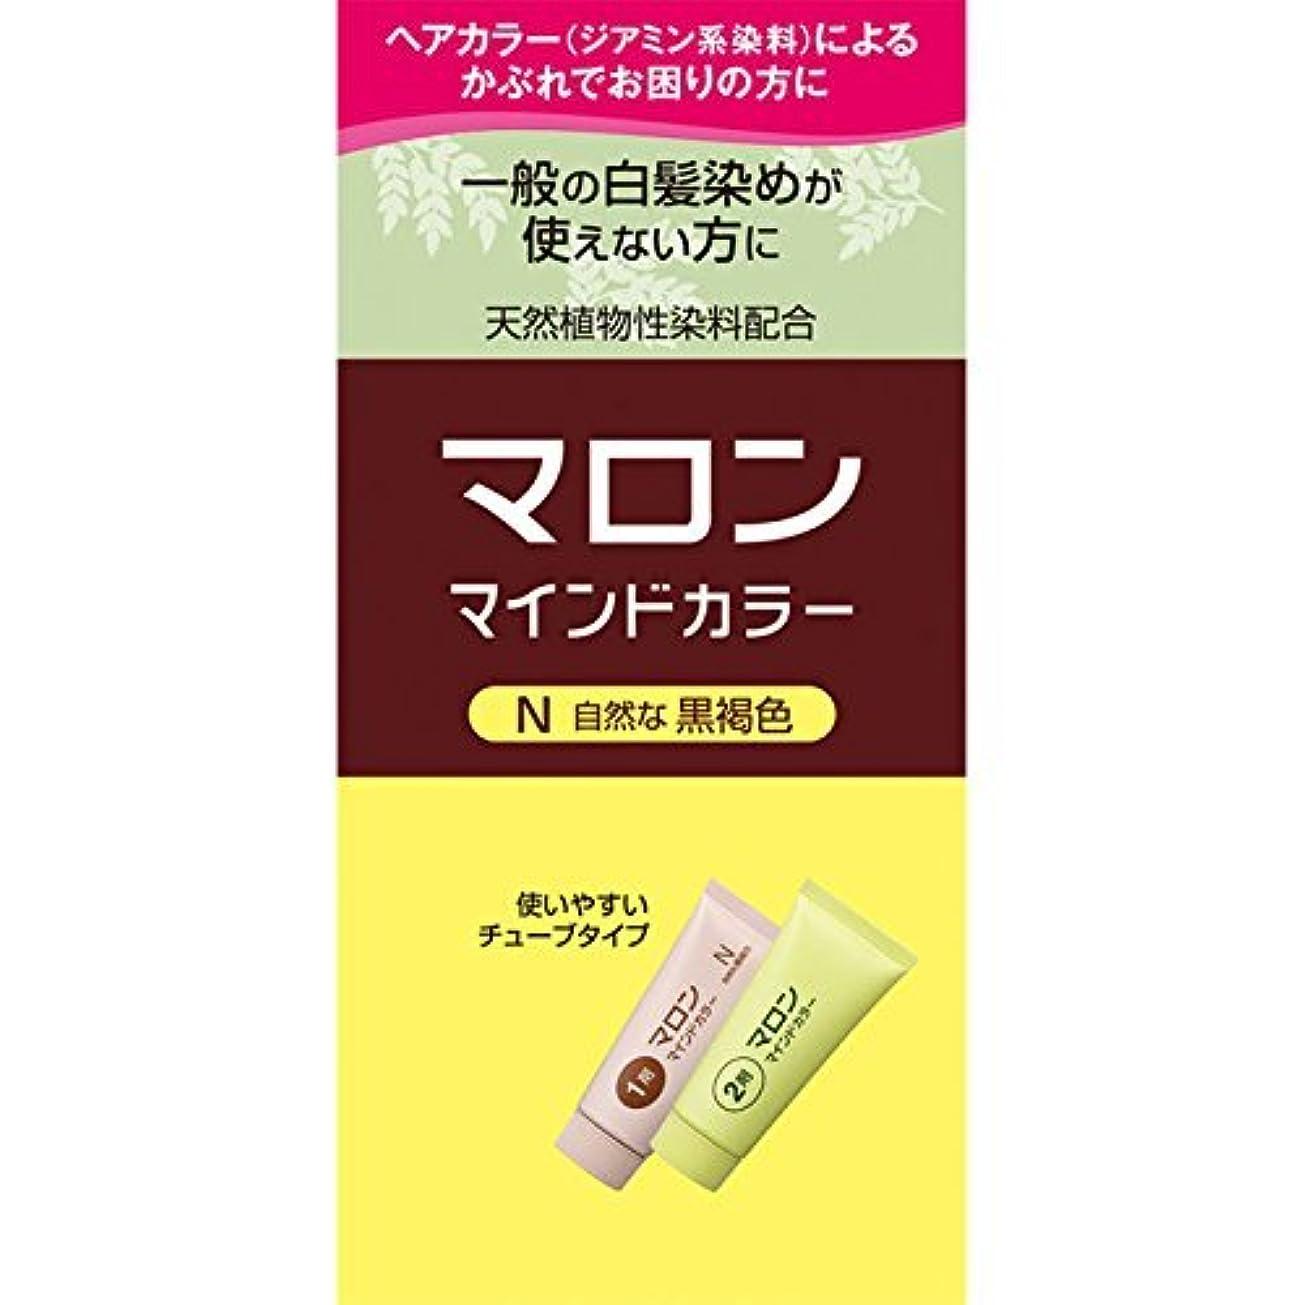 歯痛安心させる節約ヘンケルライオンコスメティックス マロン マインドカラー N 自然な黒褐色 70G+70G (医薬部外品)